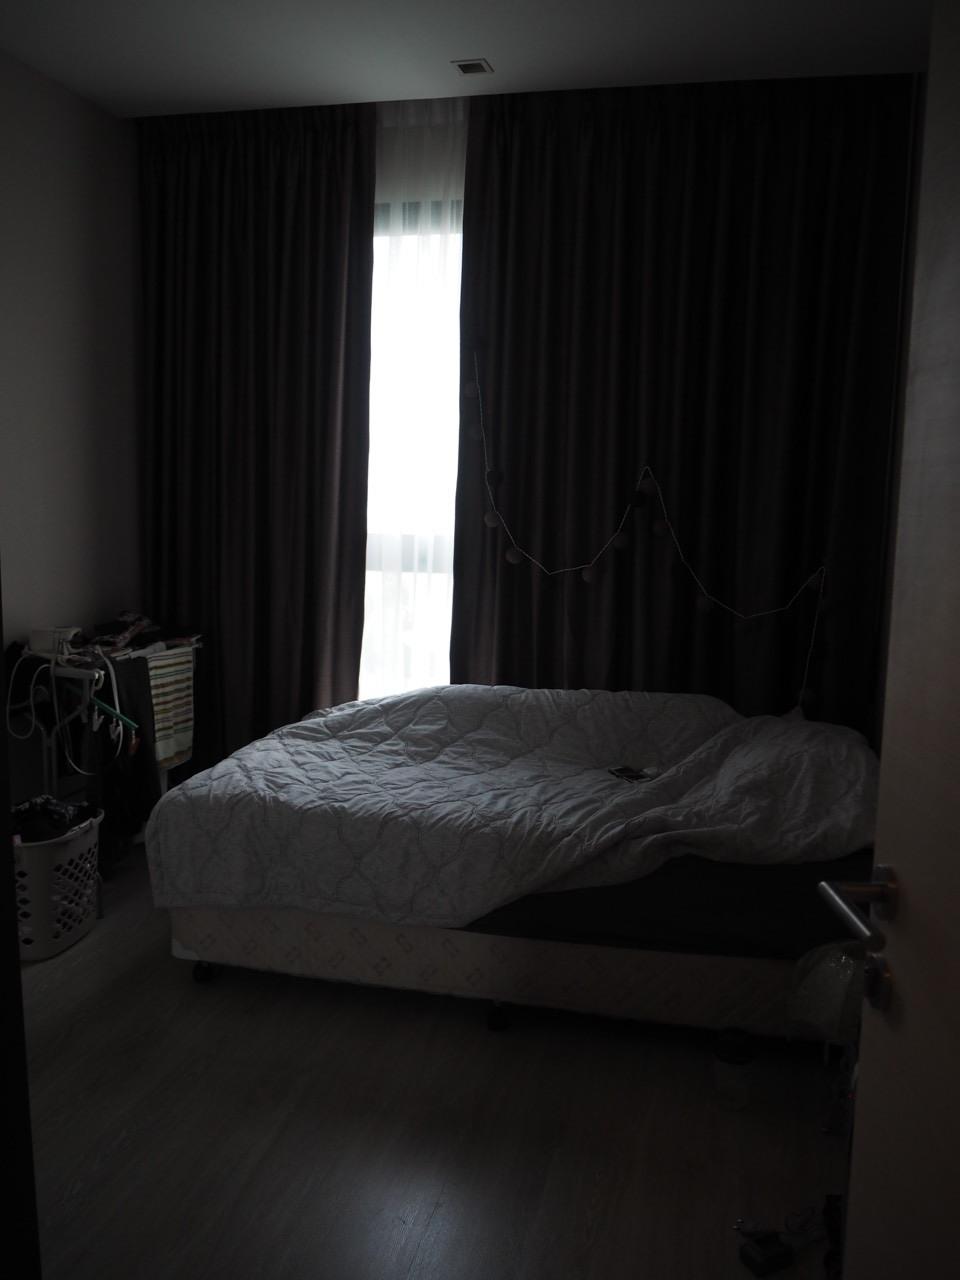 รูปของประกาศขายคอนโดควินน์ รัชดา 17 (2 ห้องนอน)(4)